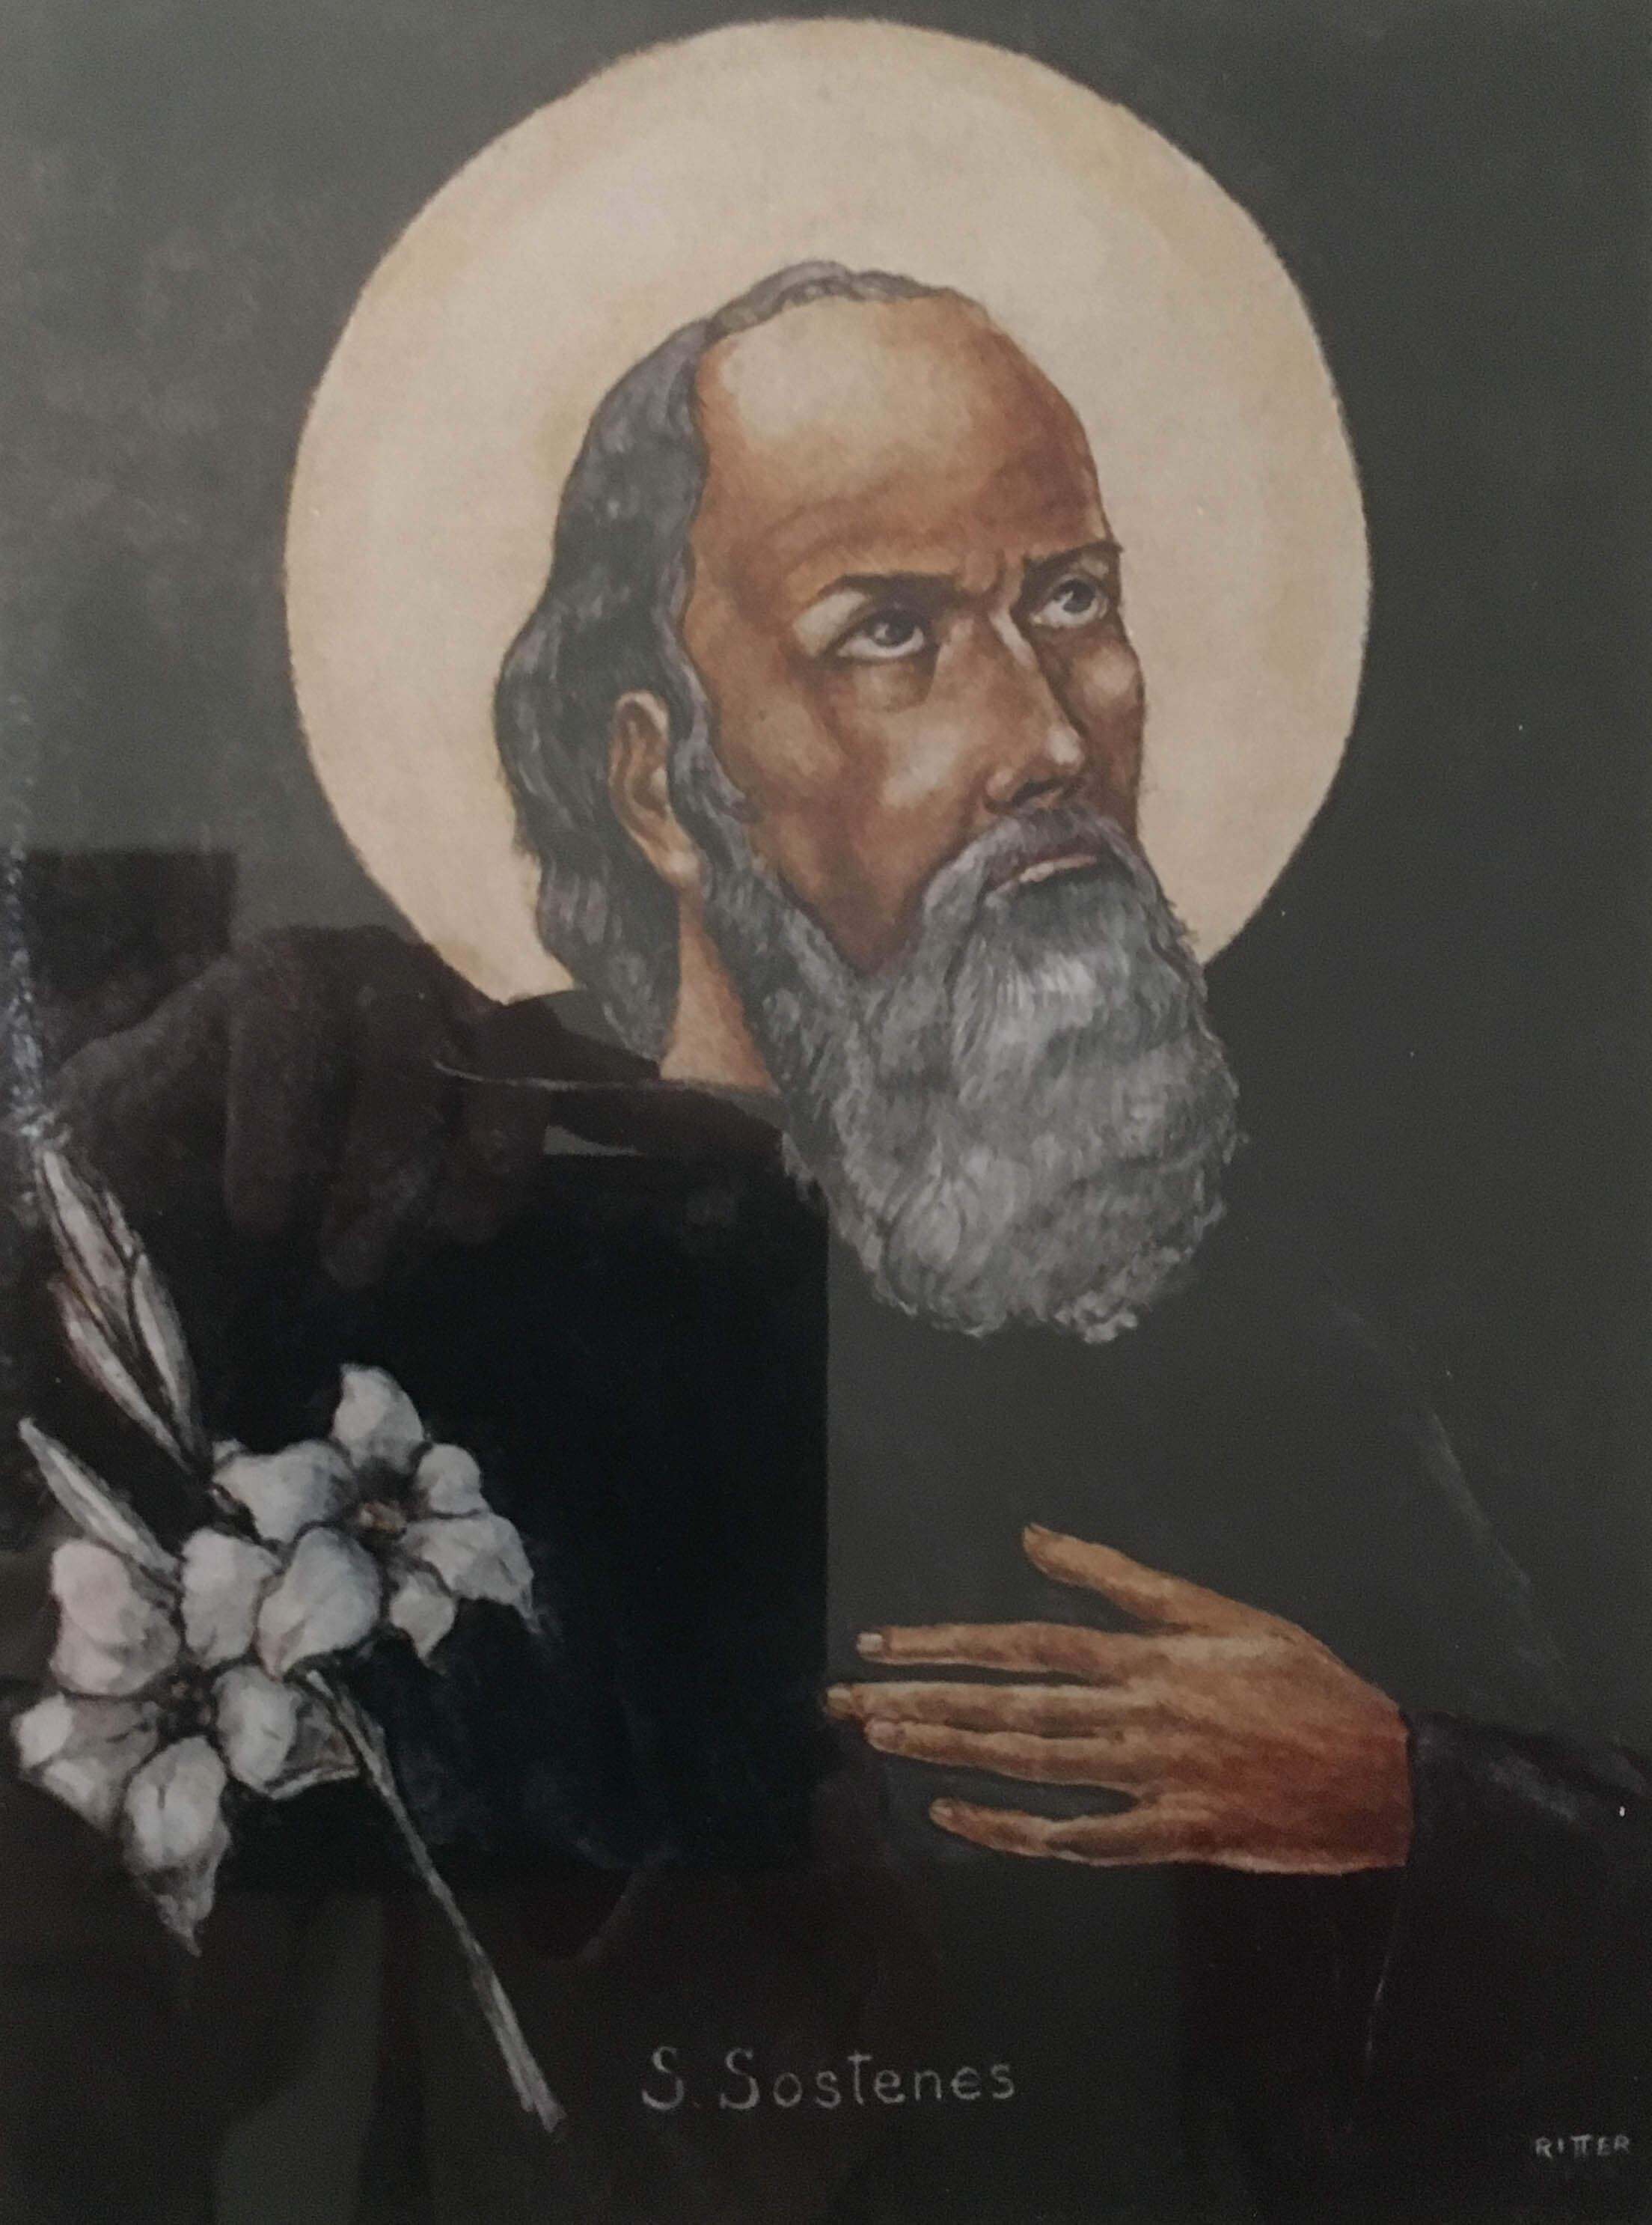 Sosteneus